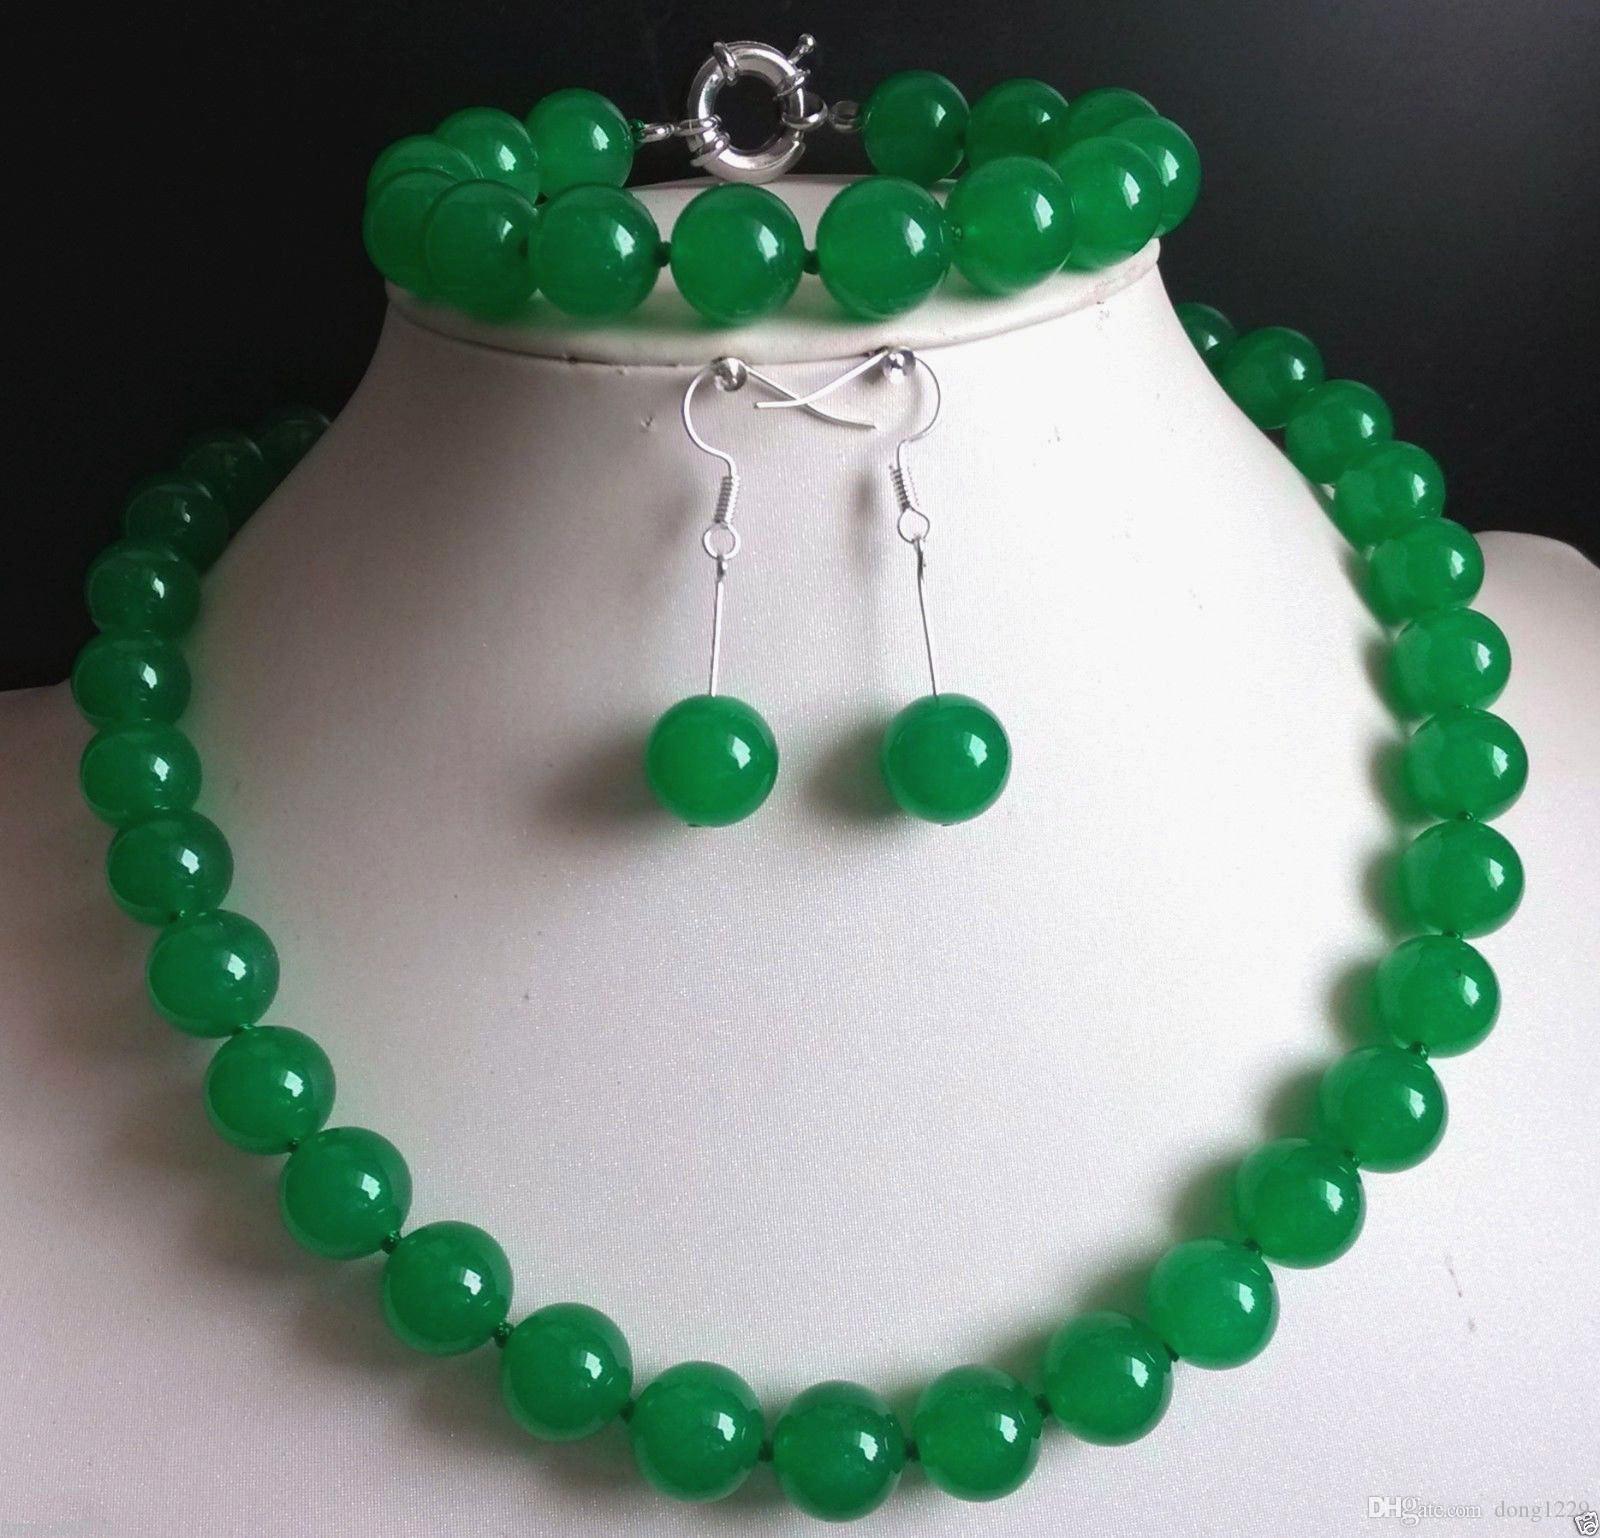 12 мм зеленый нефрит драгоценный камень круглый бисер ожерелье + браслет + серьги набор